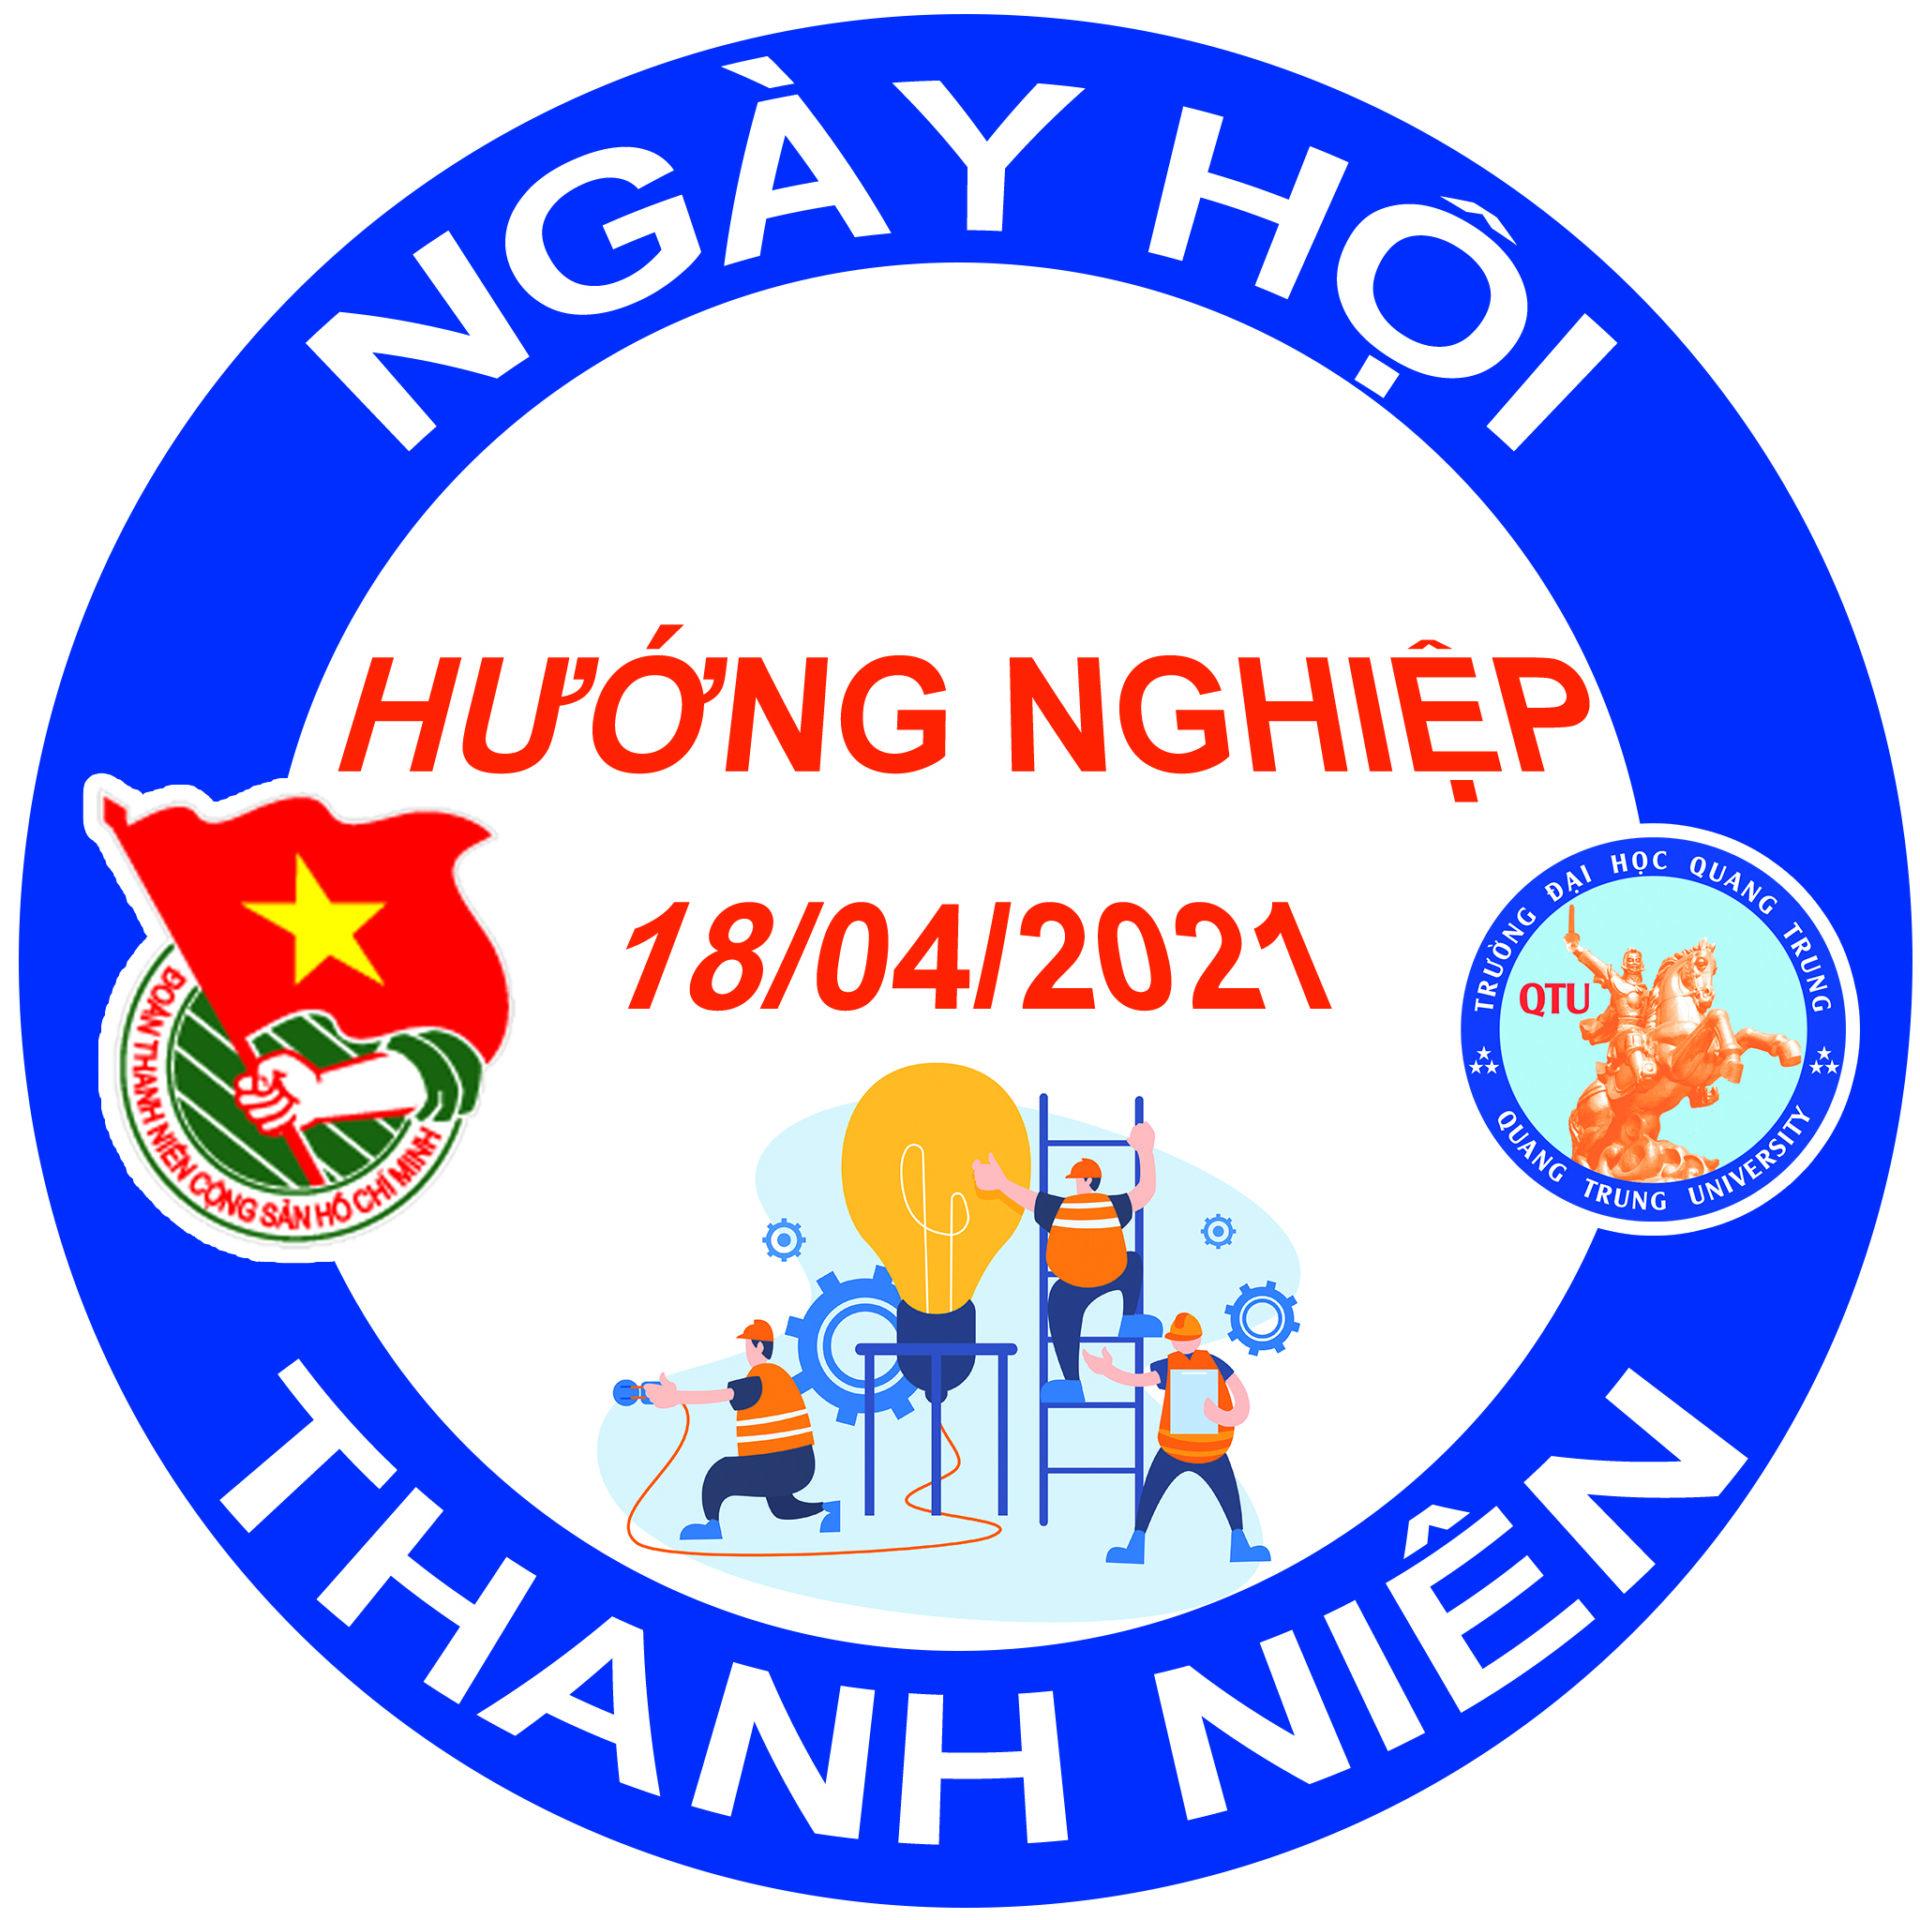 Trường Đại học Quang Trung đã sẵn sàng cho Ngày hội Hướng nghiệp Thanh niên